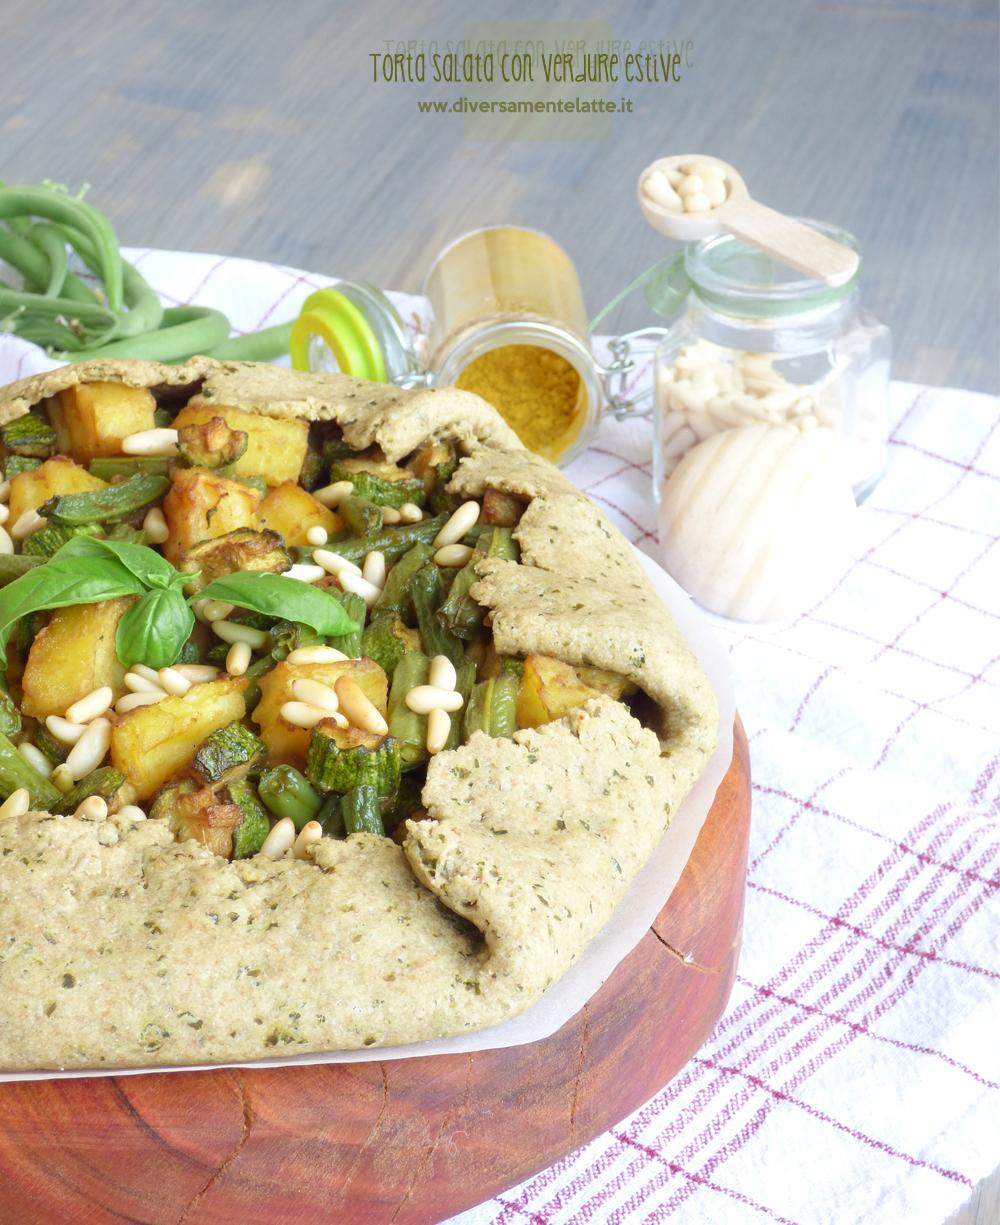 torta salata con verdure estive senza burro